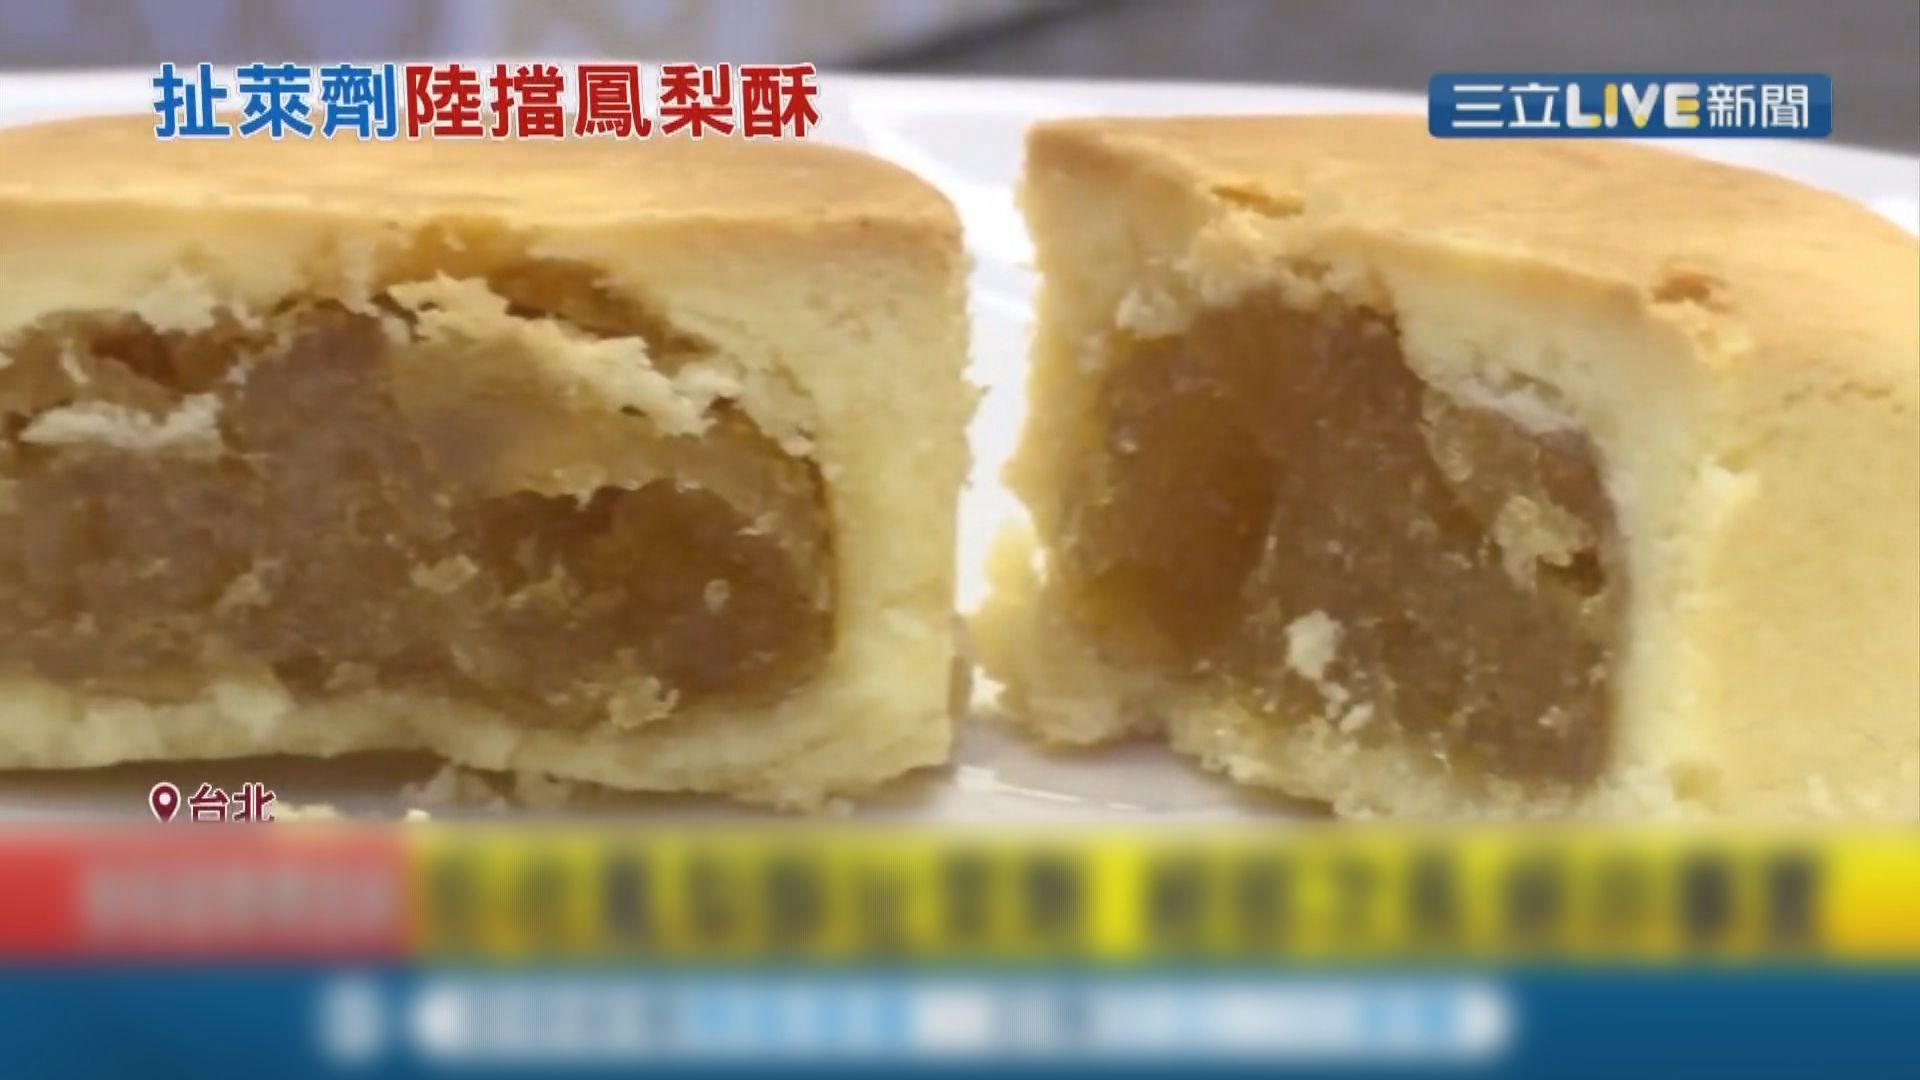 消息指大陸禁止台灣鳳梨酥入口 有餅家稱只是謠言